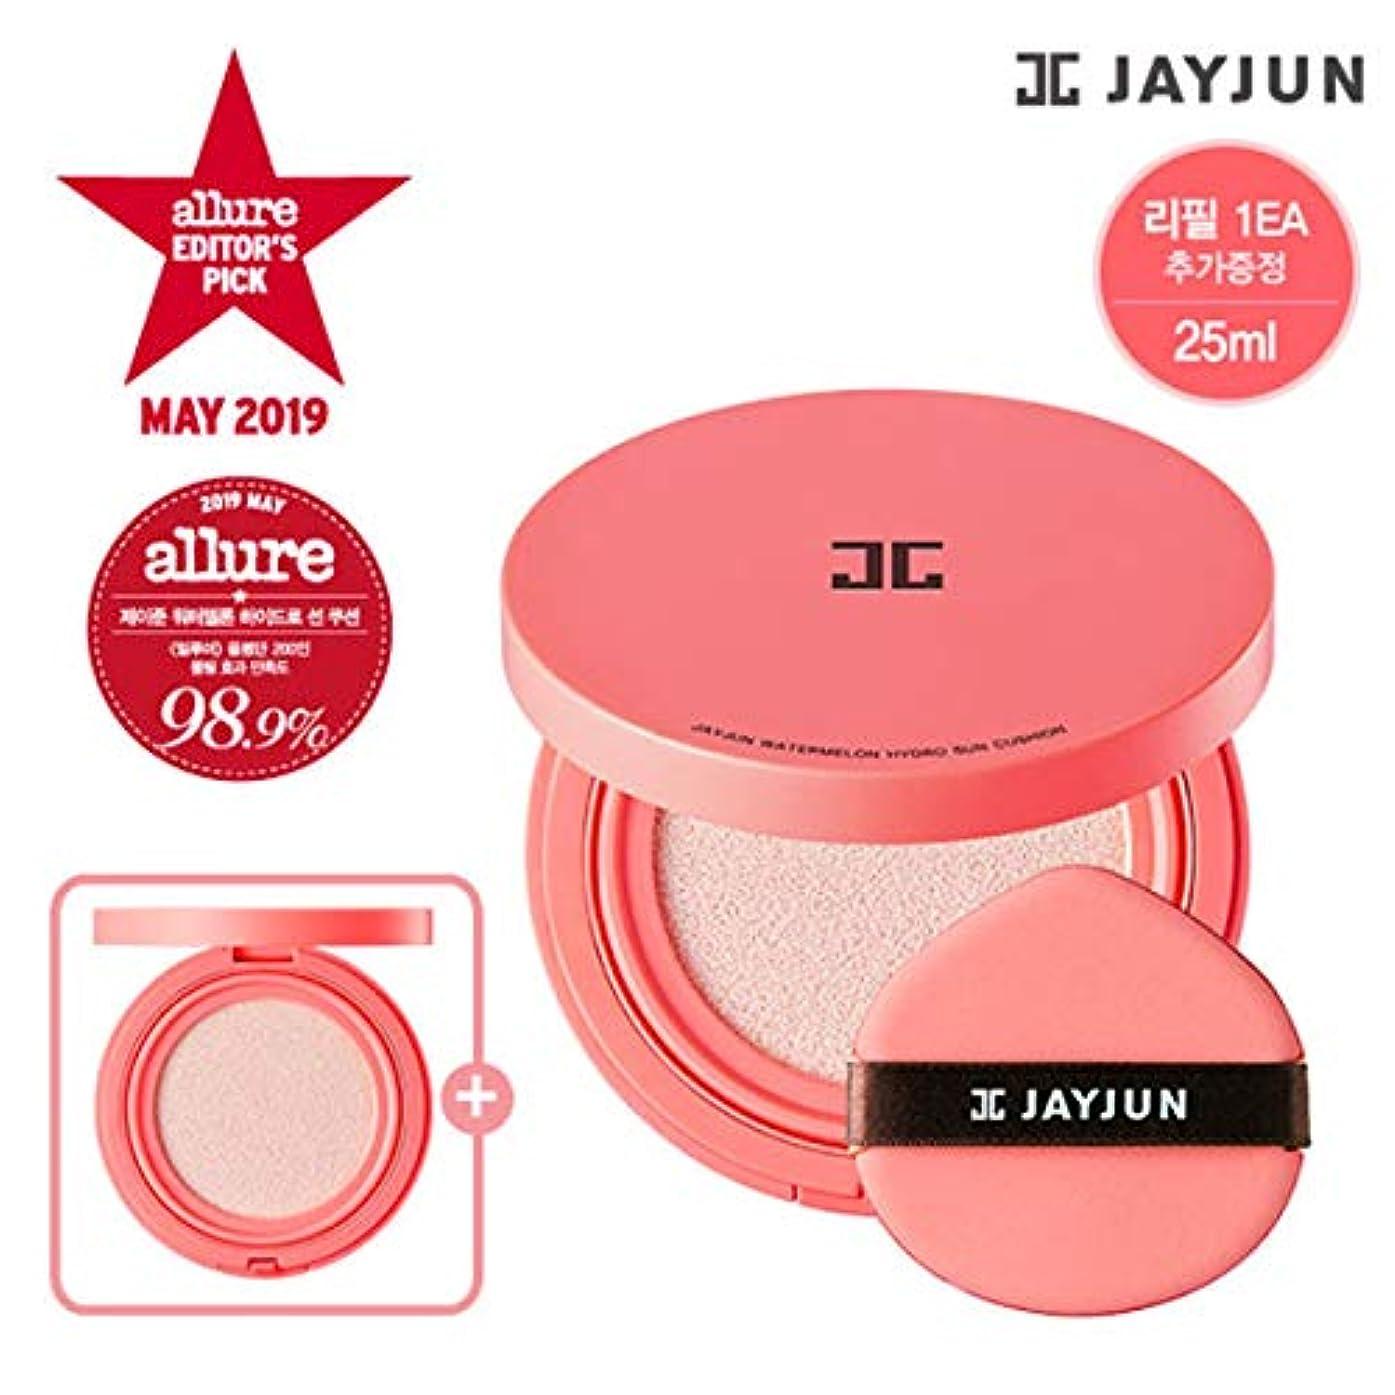 コントローラ酔っ払い形状ジェイジュン スイカハイドロサンクッション SPF50+/PA++++ / Jayjun Watermelon Hydro Sun Cushion (本品 25g + 詰め替え 25g)